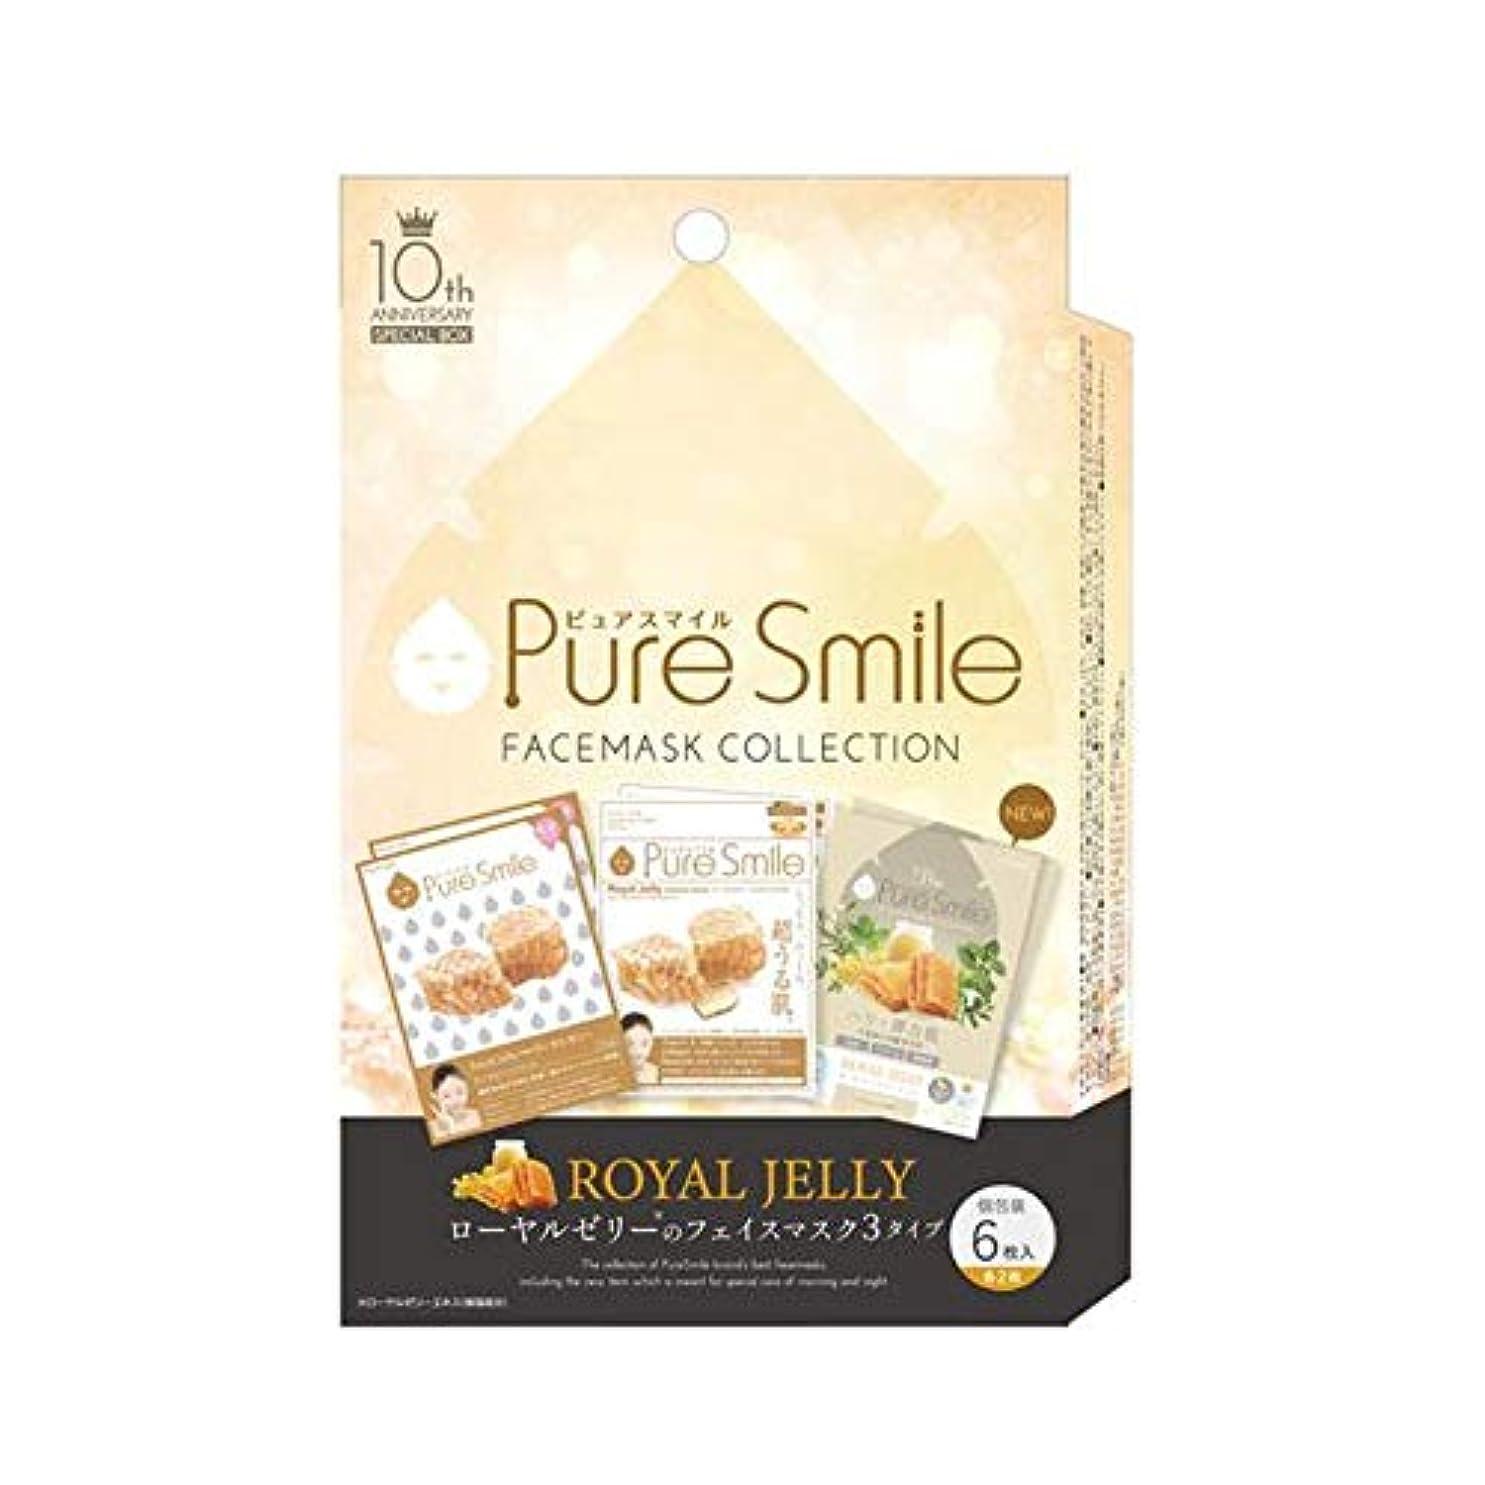 ガードレビュアー請求可能ピュア スマイル Pure Smile 10thアニバーサリー スペシャルボックス ローヤルゼリーエキス 6枚入り